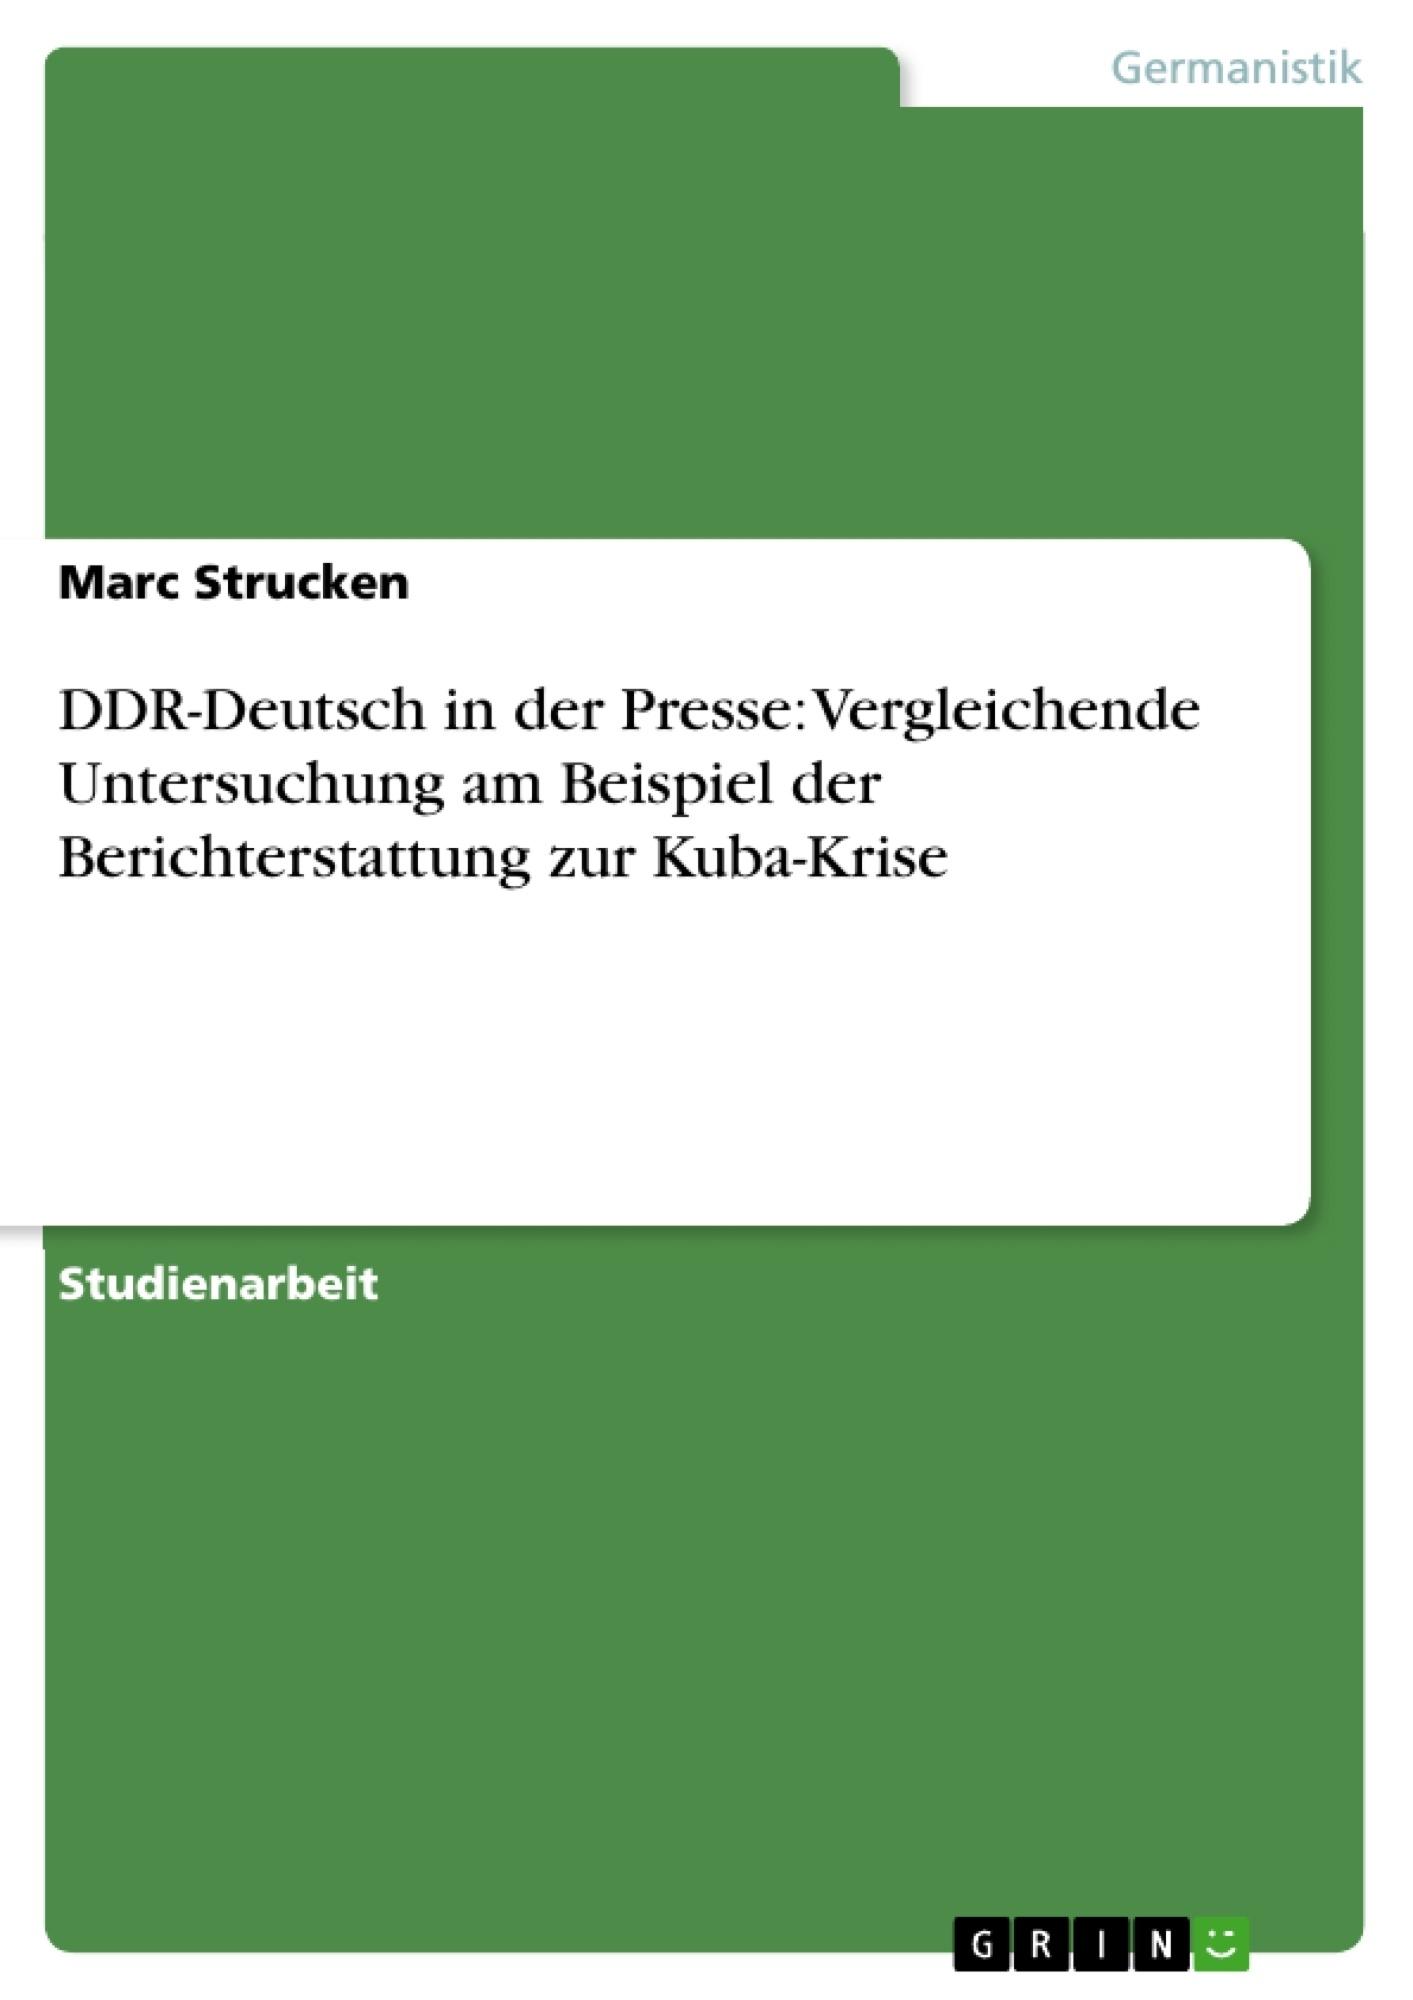 Titel: DDR-Deutsch in der Presse: Vergleichende Untersuchung am Beispiel der Berichterstattung zur Kuba-Krise